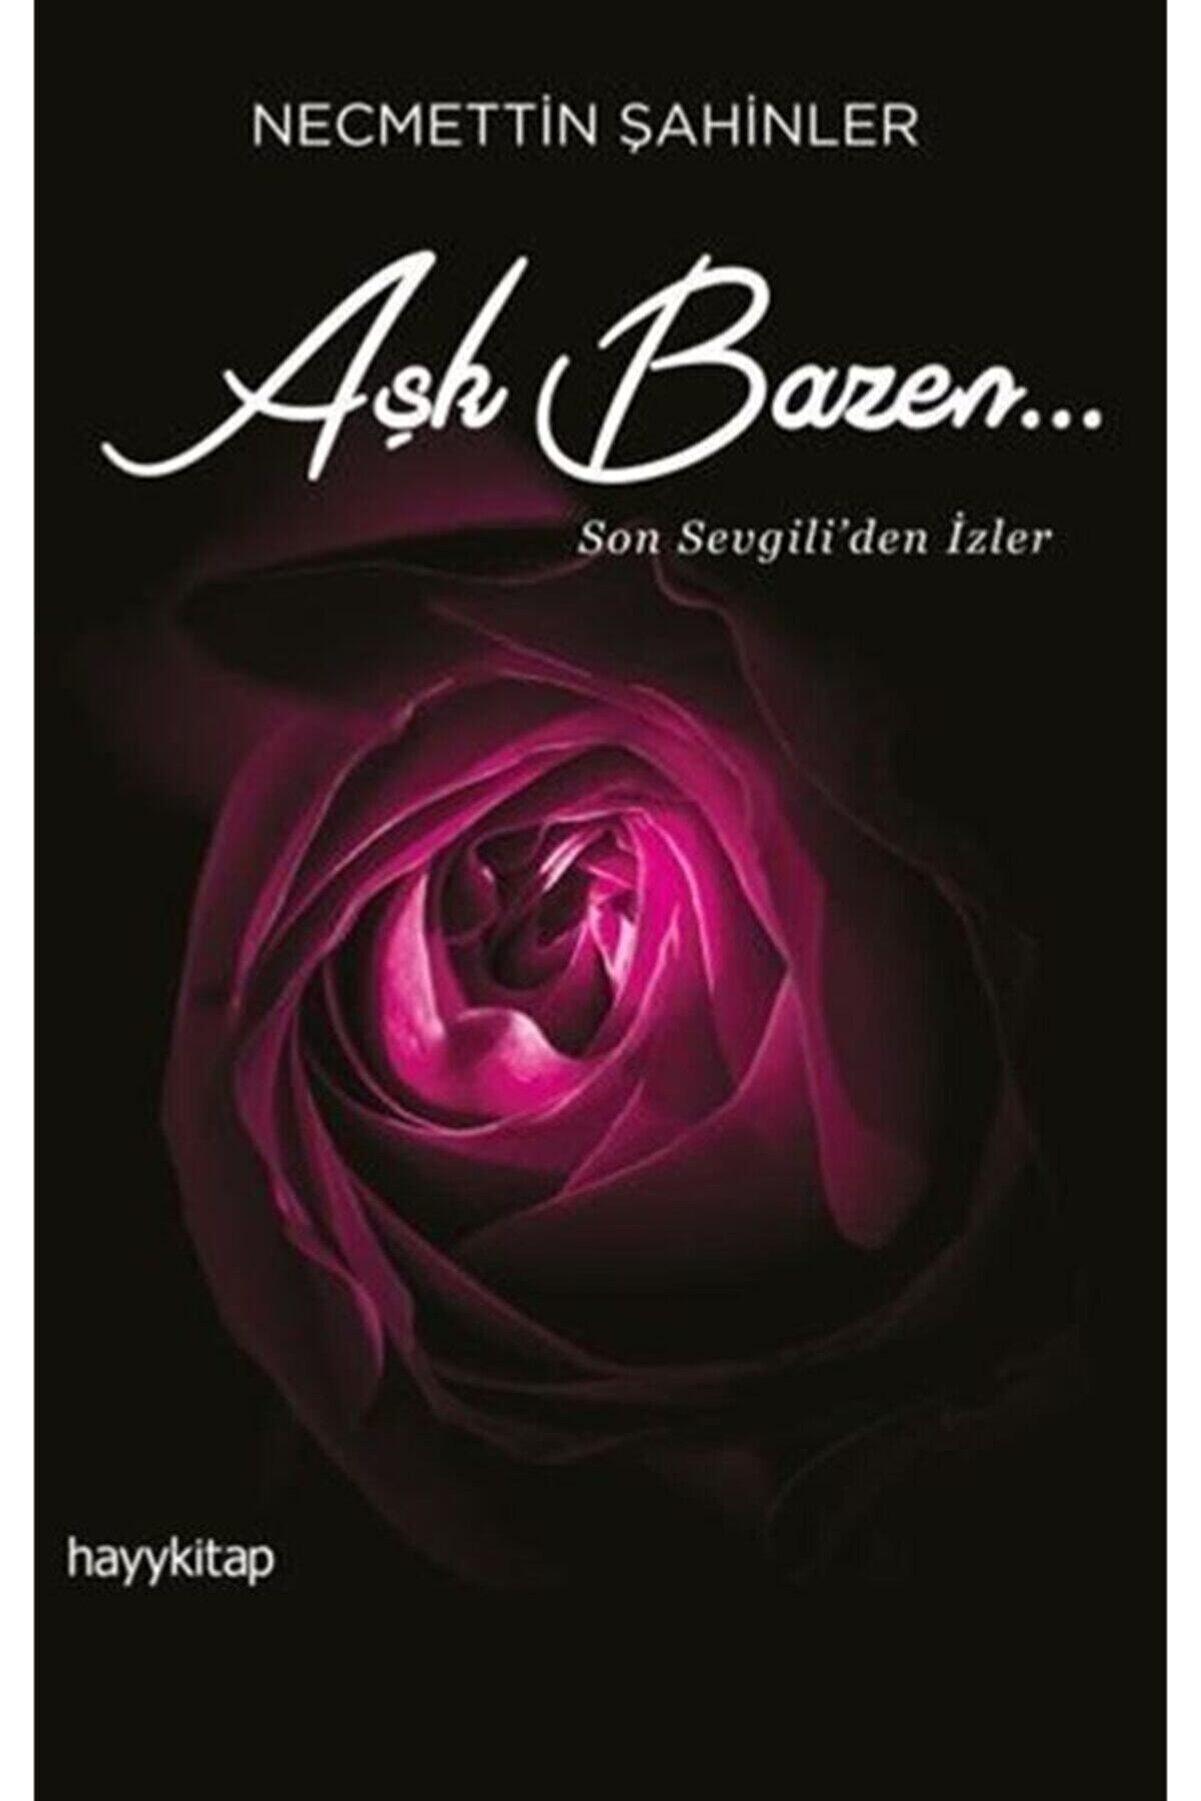 Hayykitap Aşk Bazen...